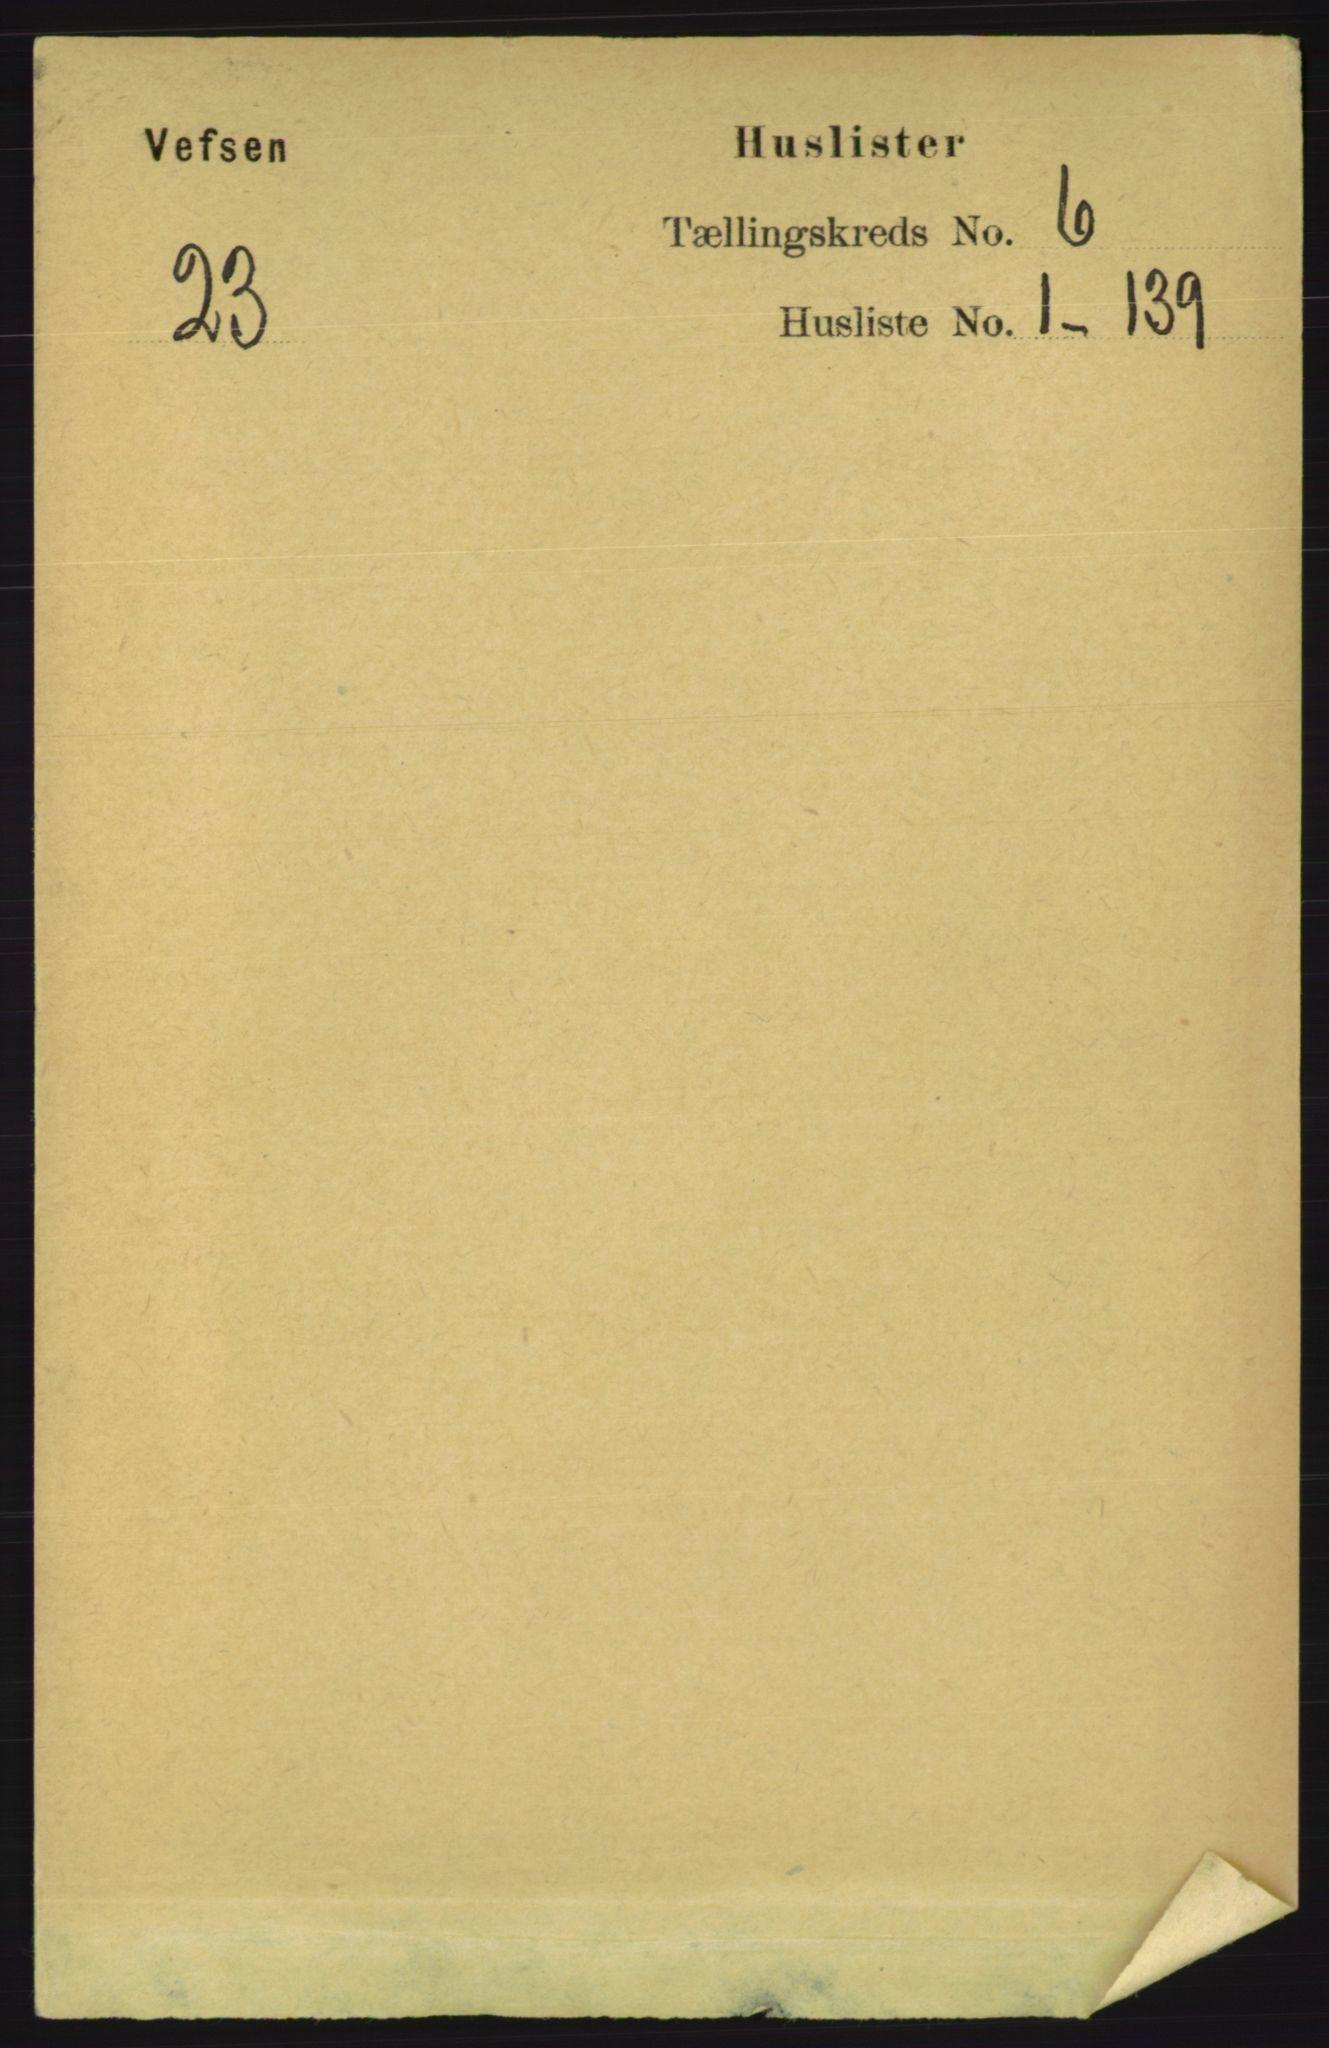 RA, Folketelling 1891 for 1824 Vefsn herred, 1891, s. 2665